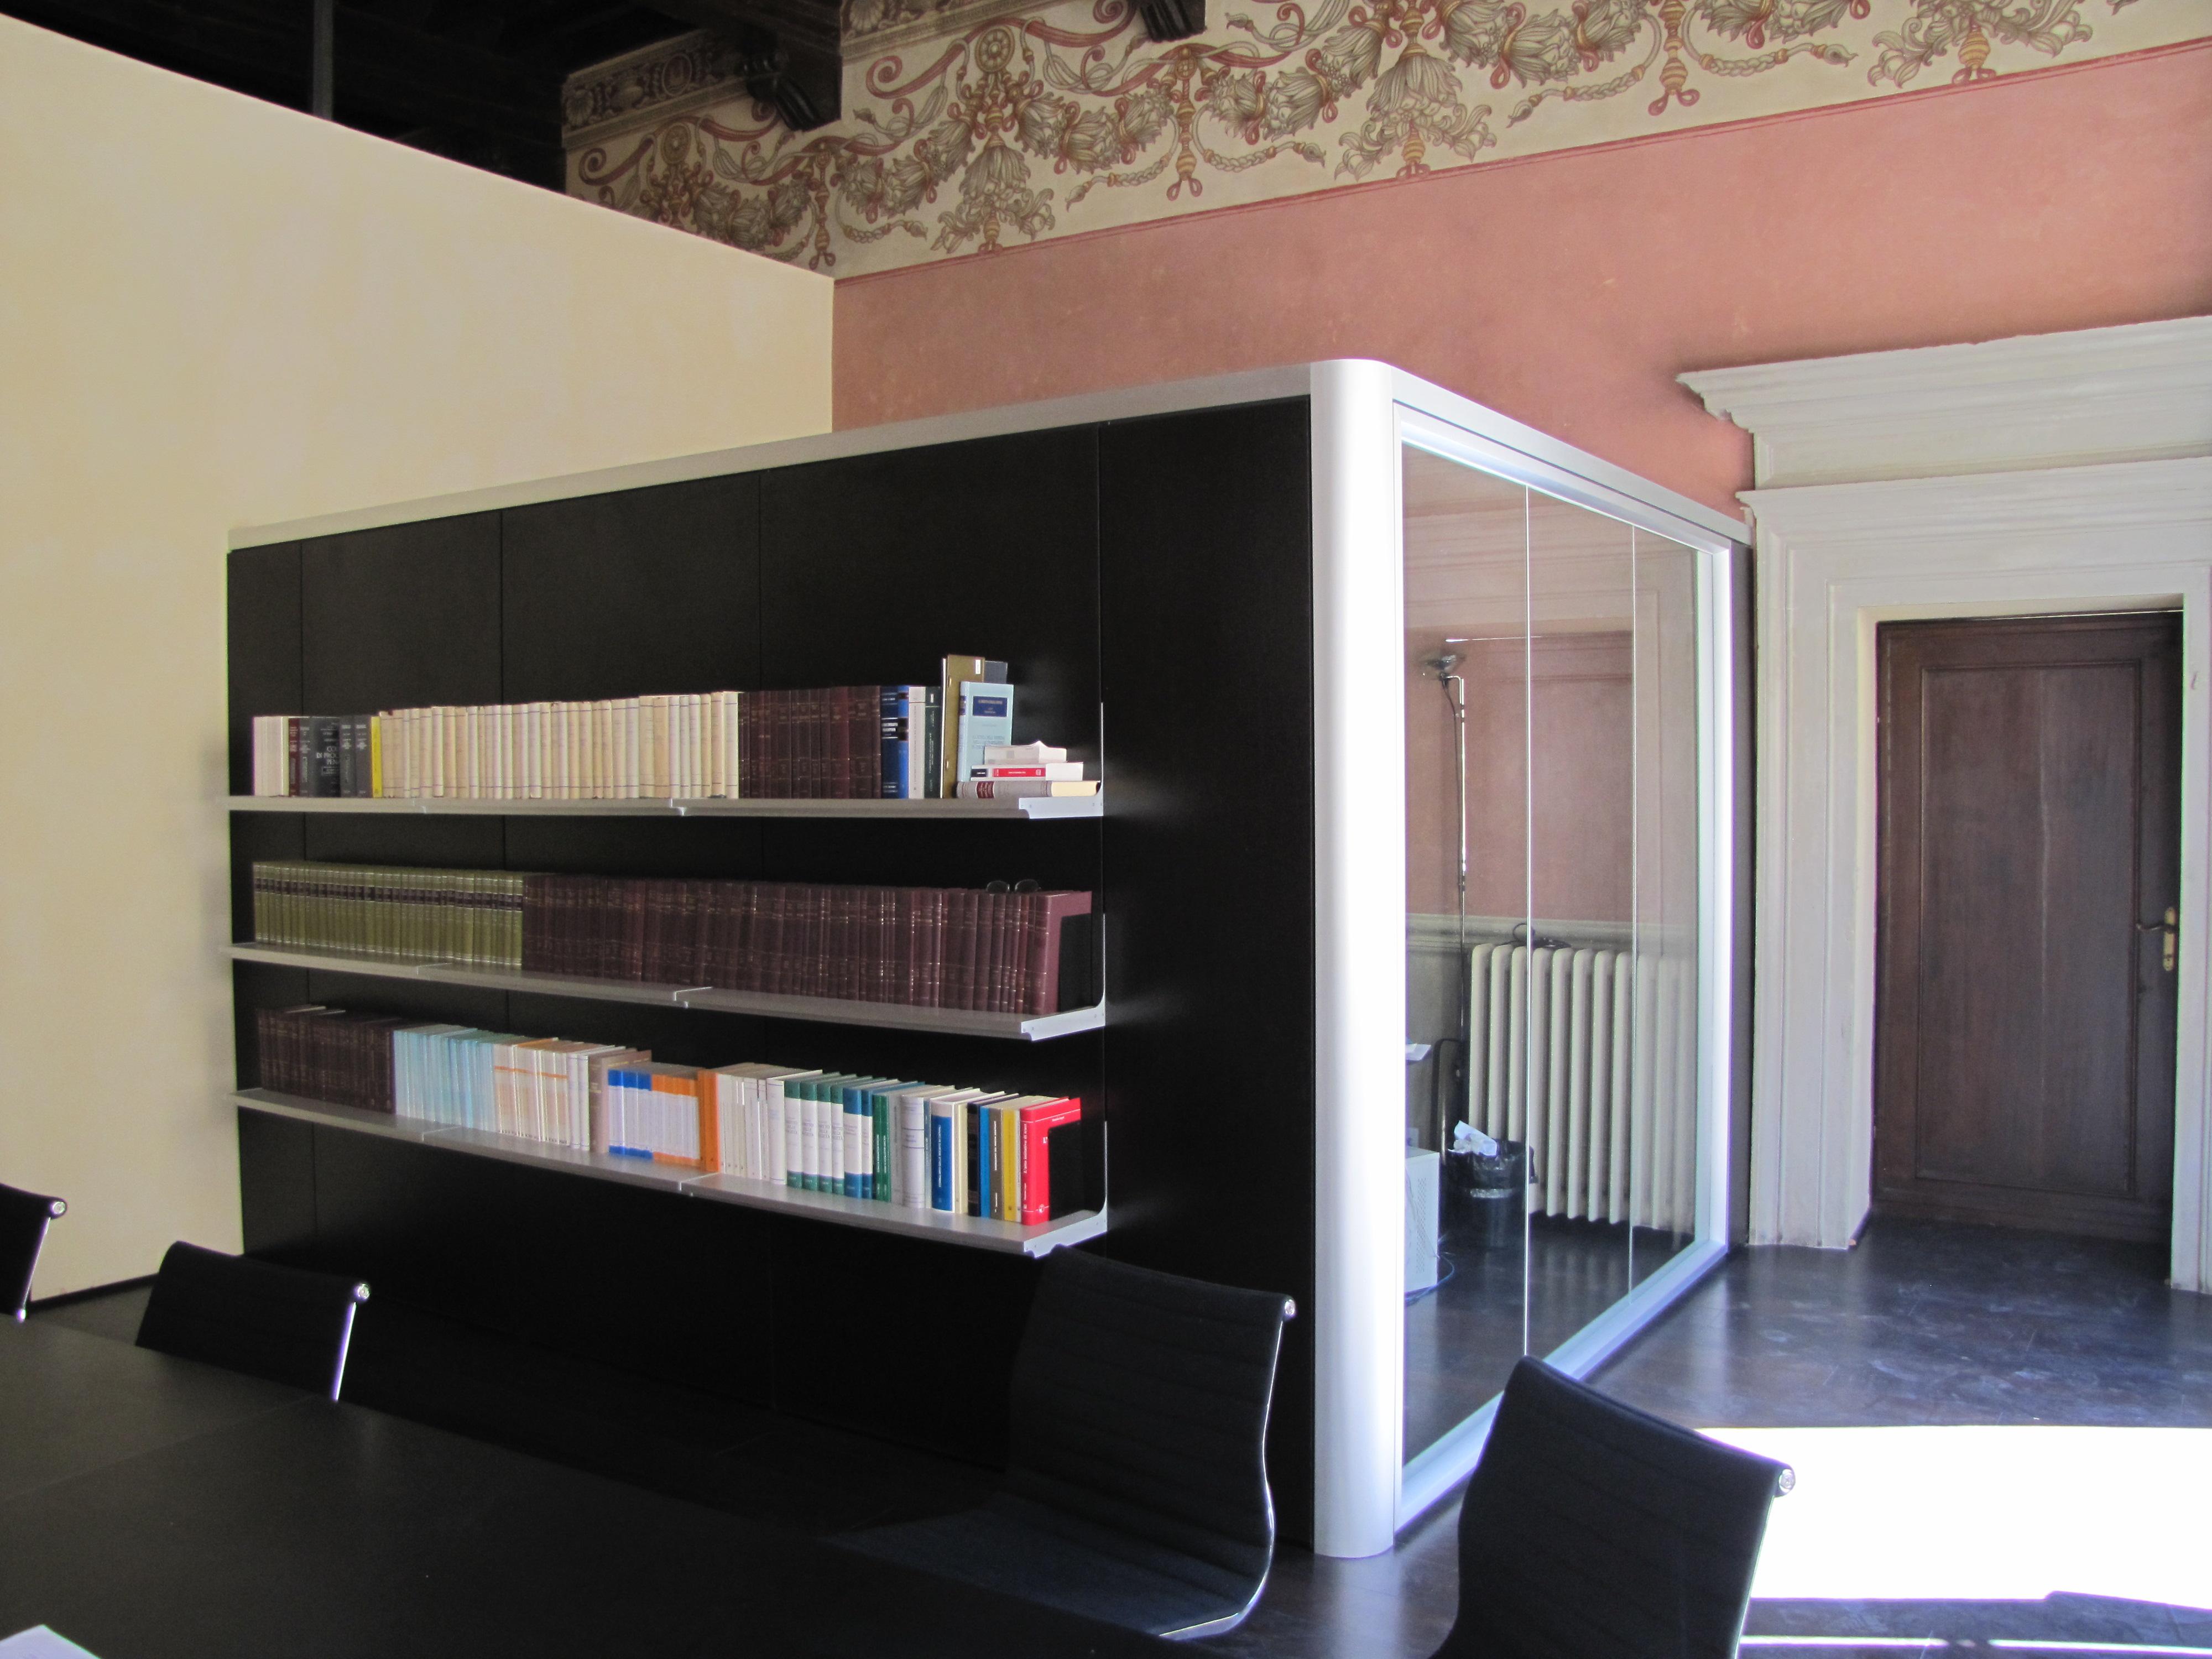 Studio legale gatteschi arredamento ufficio by nuova for Arredamento studio legale moderno